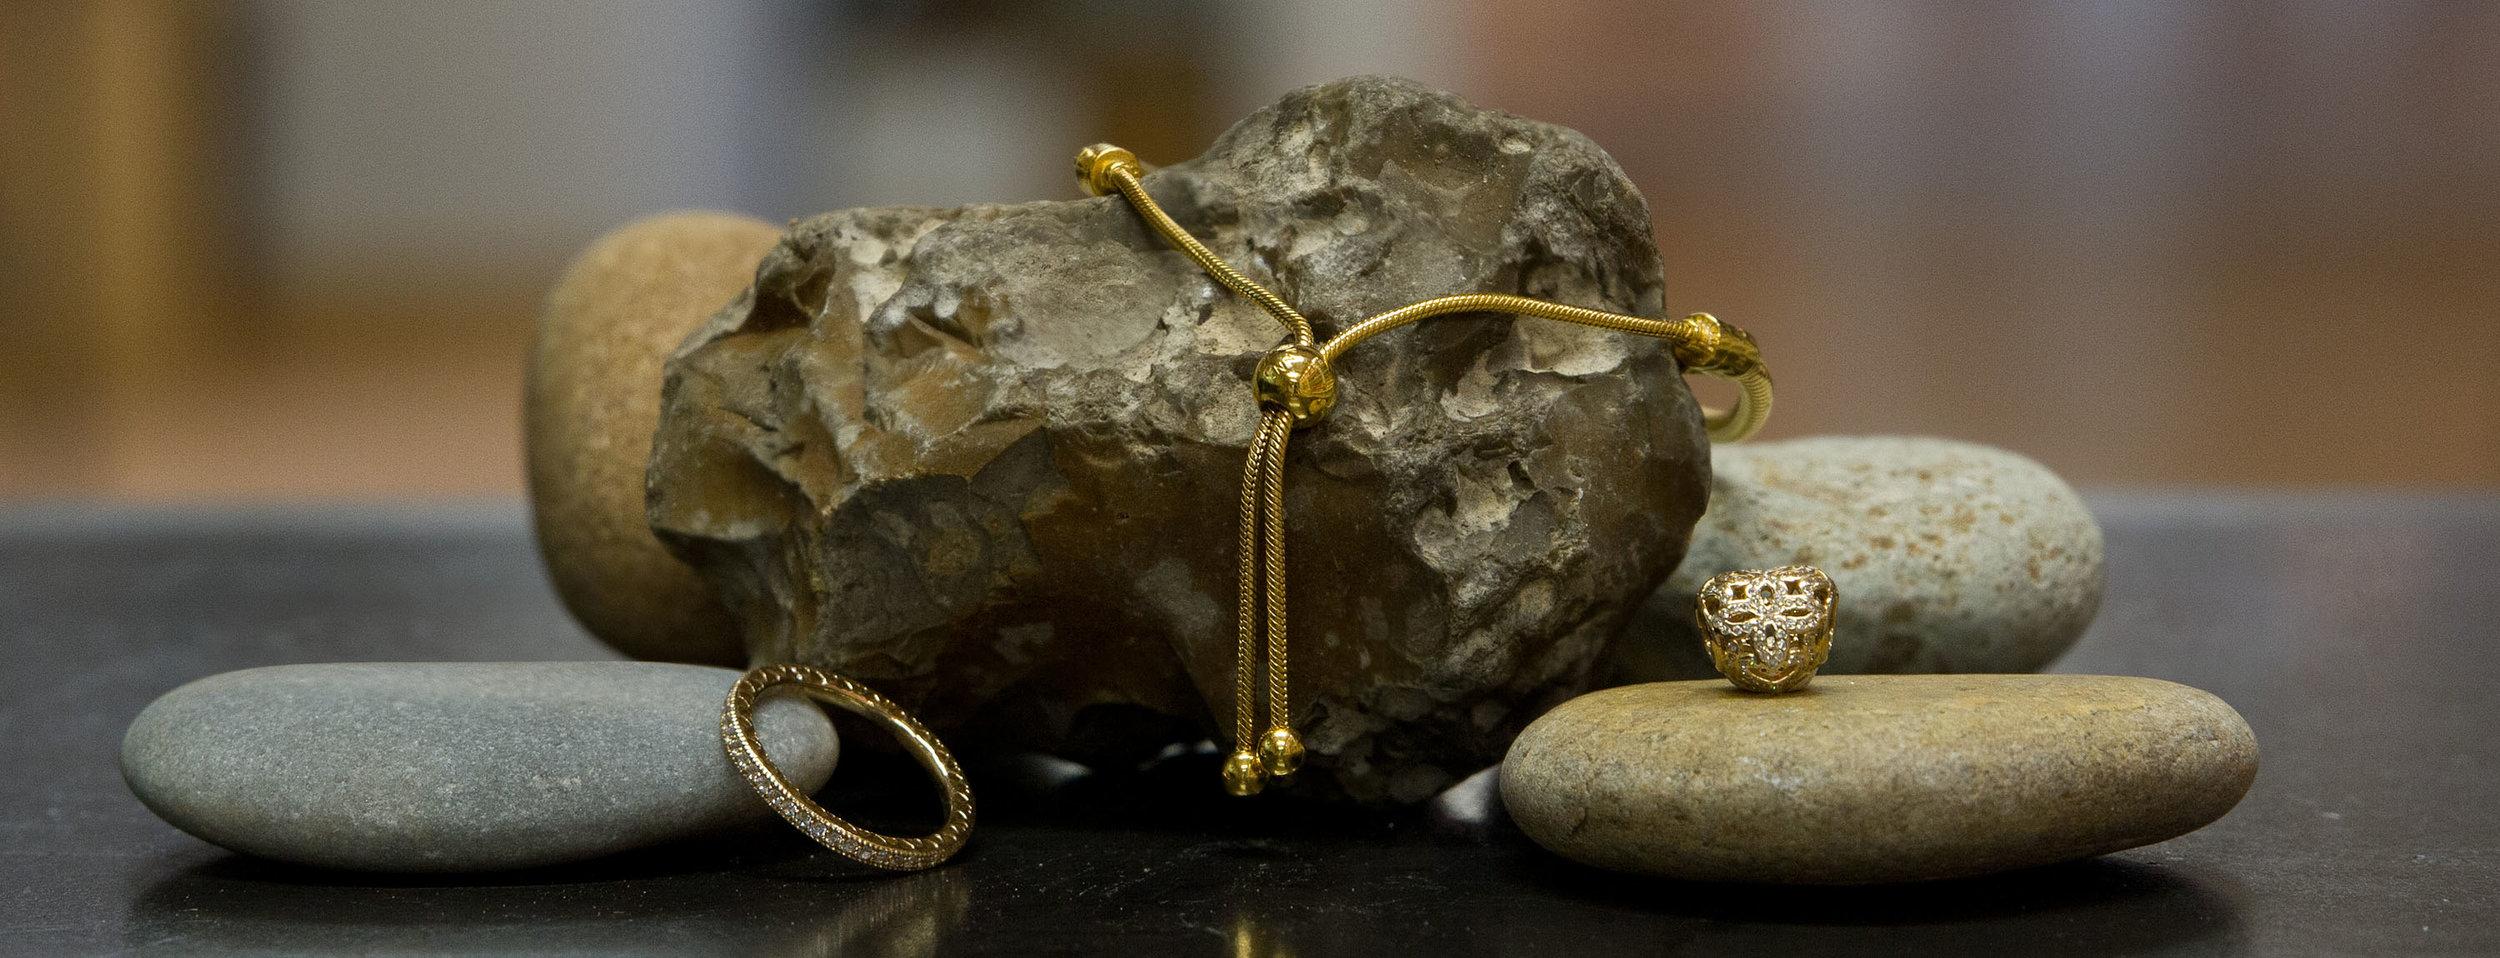 Shine - Schmuckdesign in leuchtendem Gold